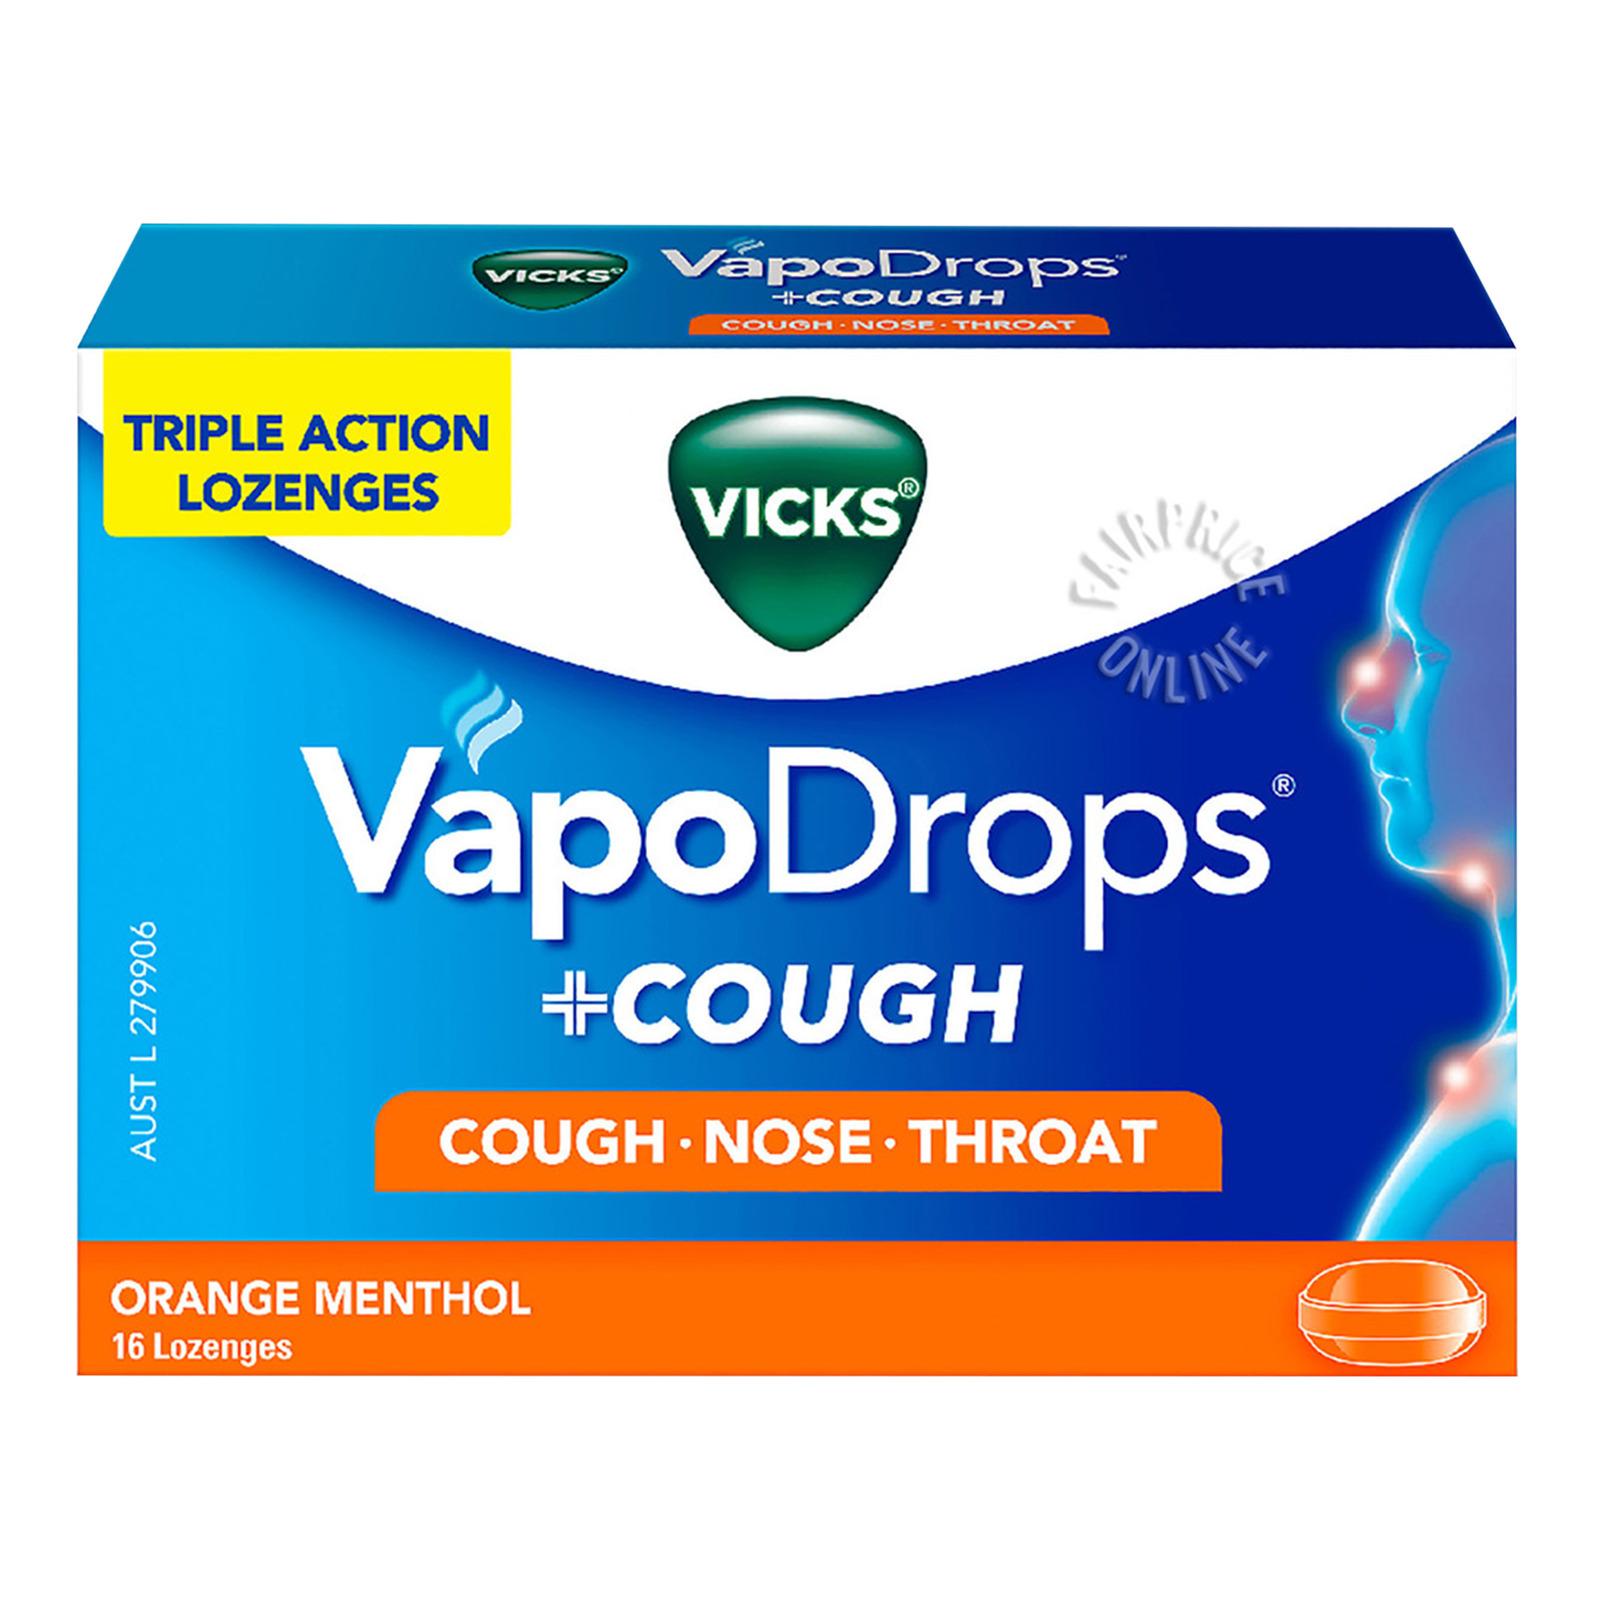 Vicks VapoDrops + Cough Menthol Lozenges - Orange